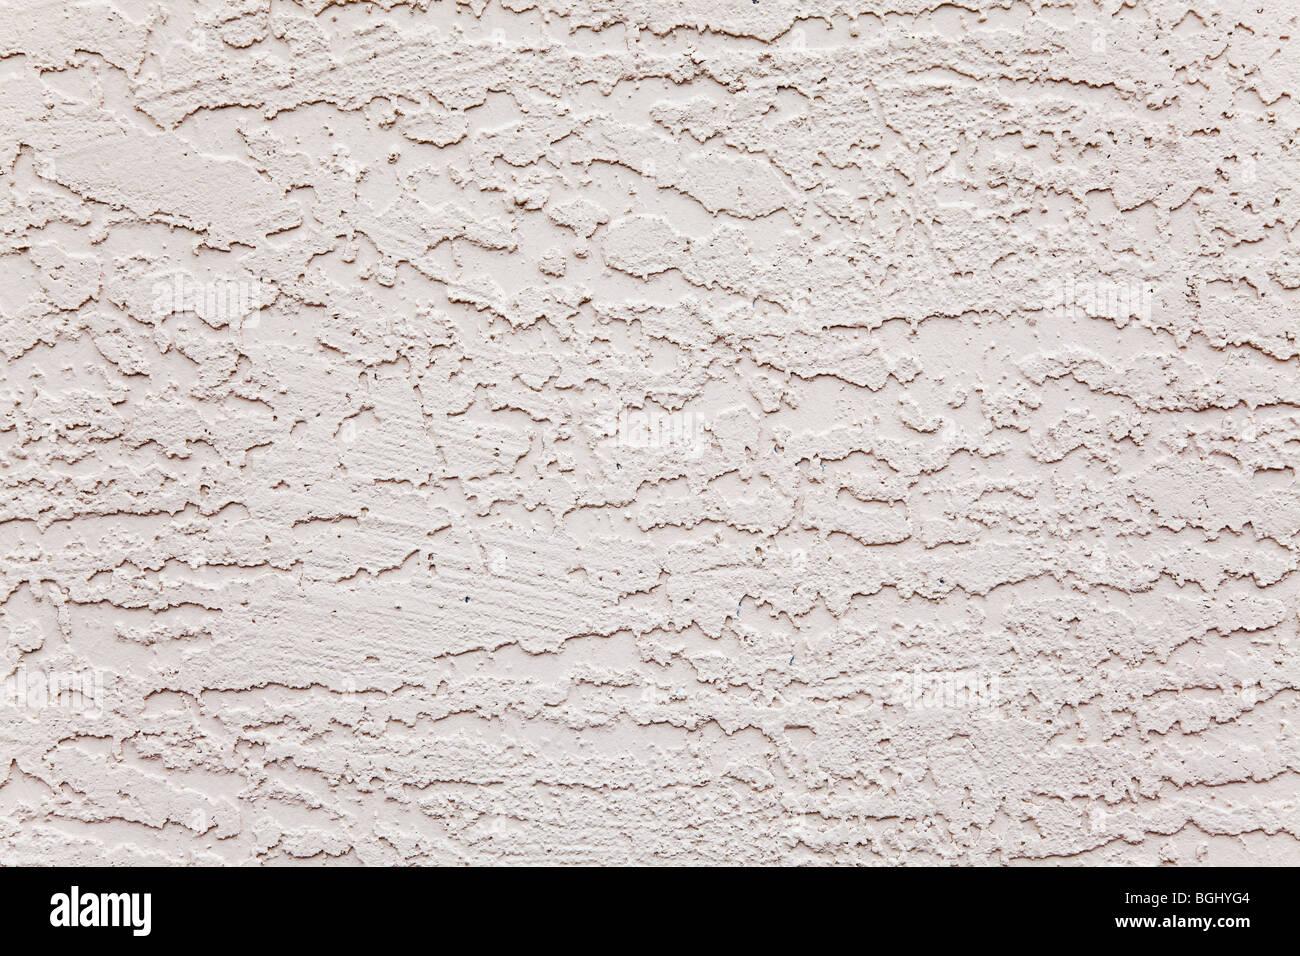 Esterno stucco bianco parete ruvida la configurazione di sfondo Immagini Stock